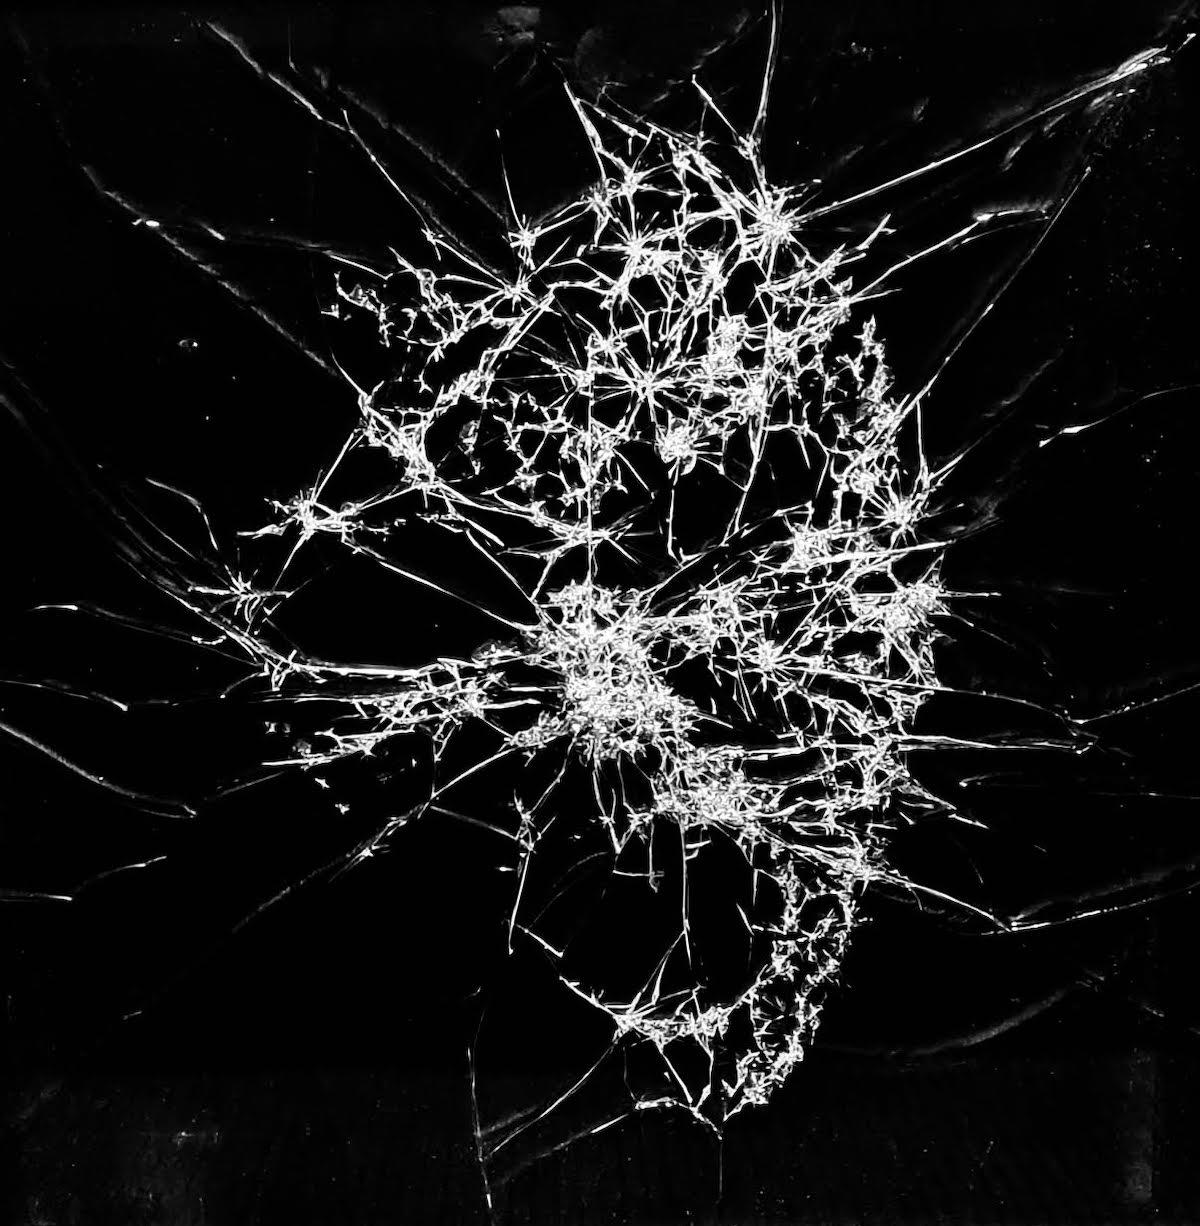 simon berger shattered glass art 2